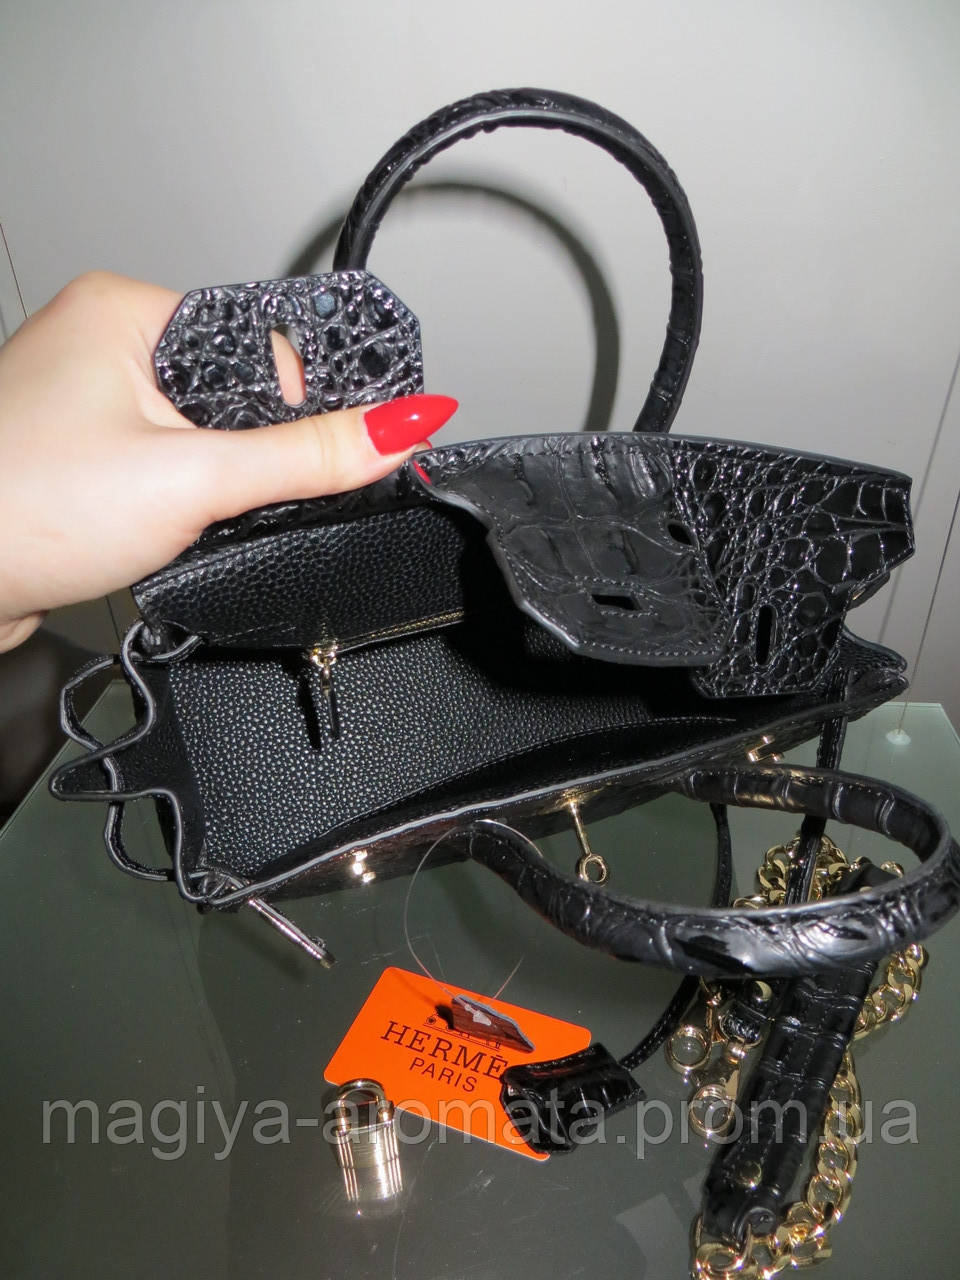 76feac9a529e Женская сумка Hermes Биркин черная 20см Original quality, цена 3 717 грн.,  купить в Киеве — Prom.ua (ID#929495697)